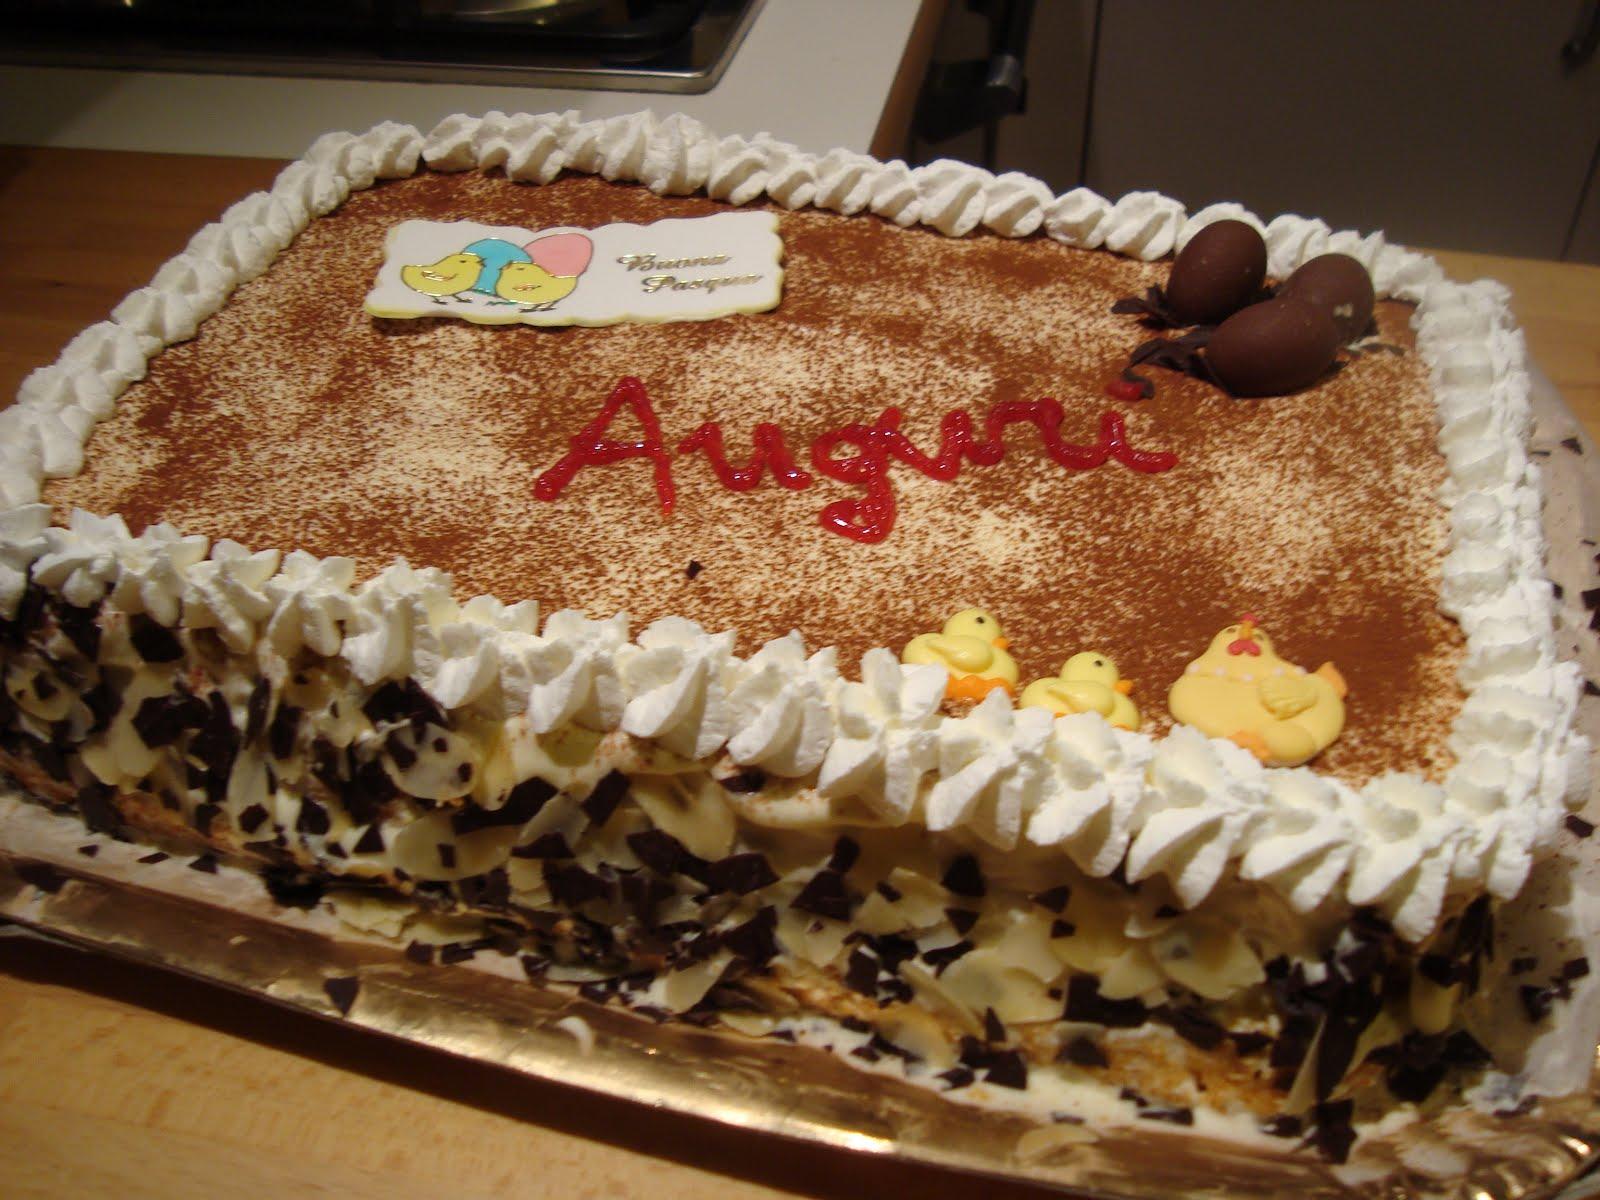 La mia amata cucina torte di pasqua - La cucina di sara torte ...